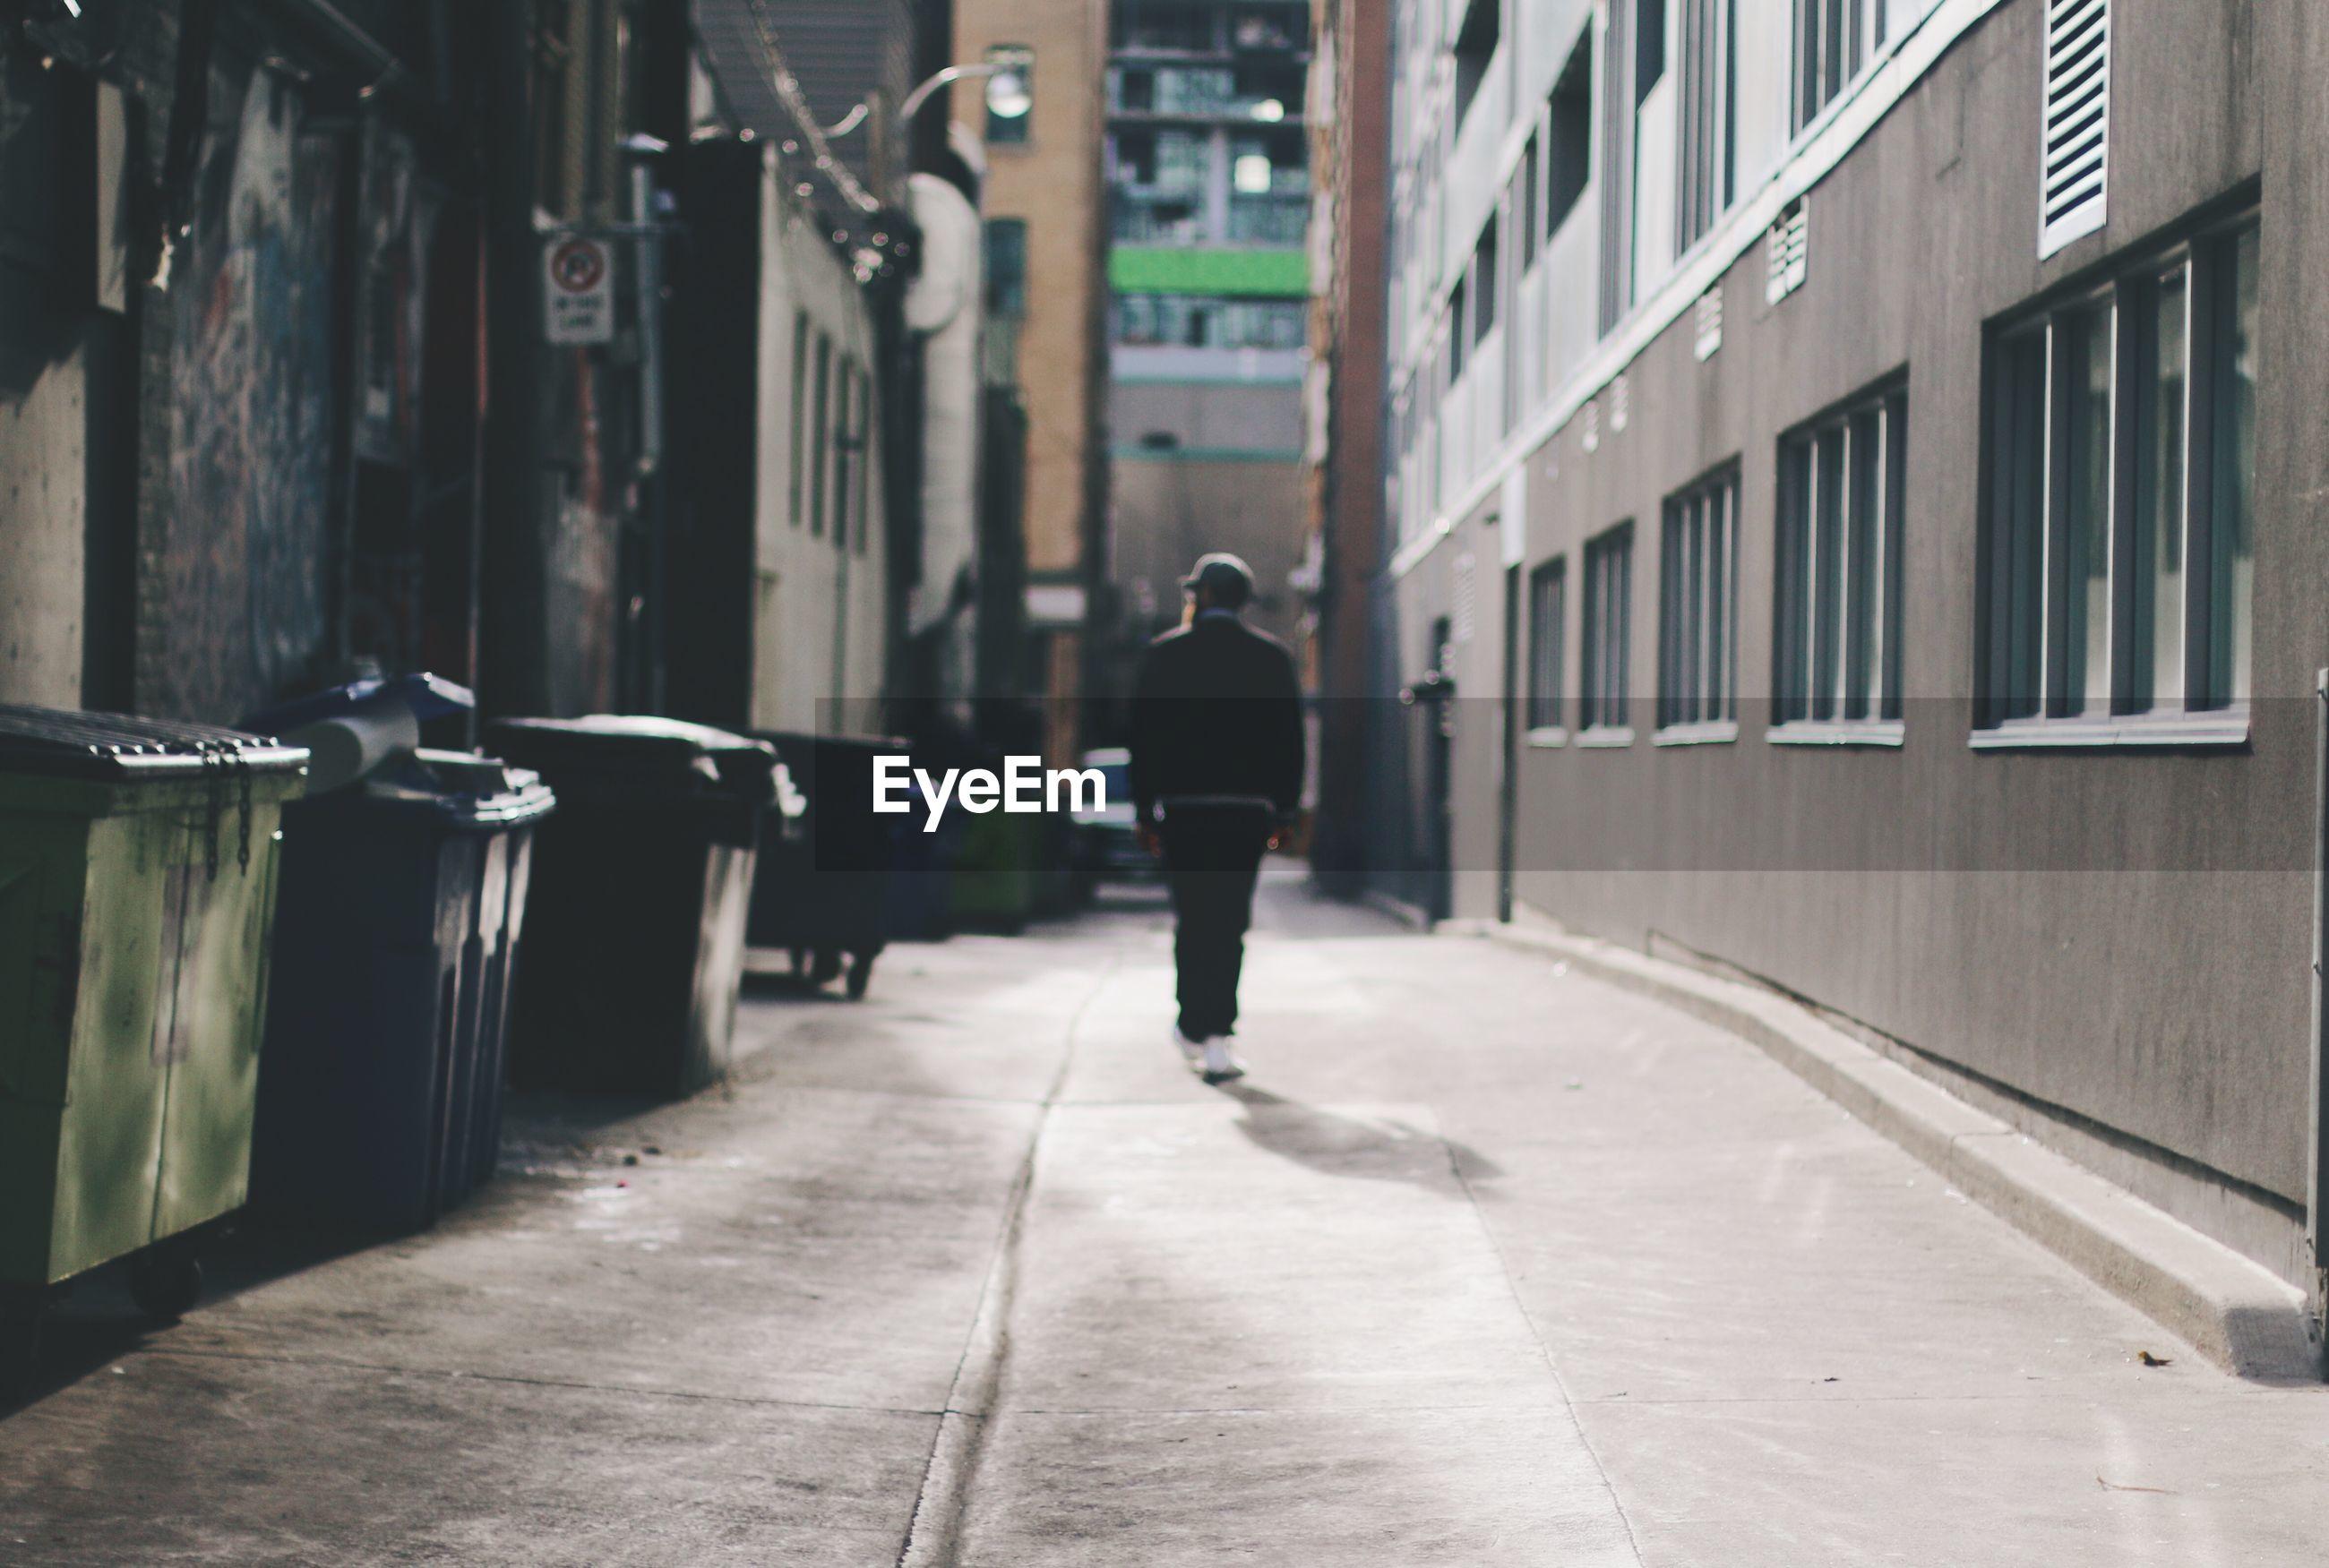 Man walking in empty alley